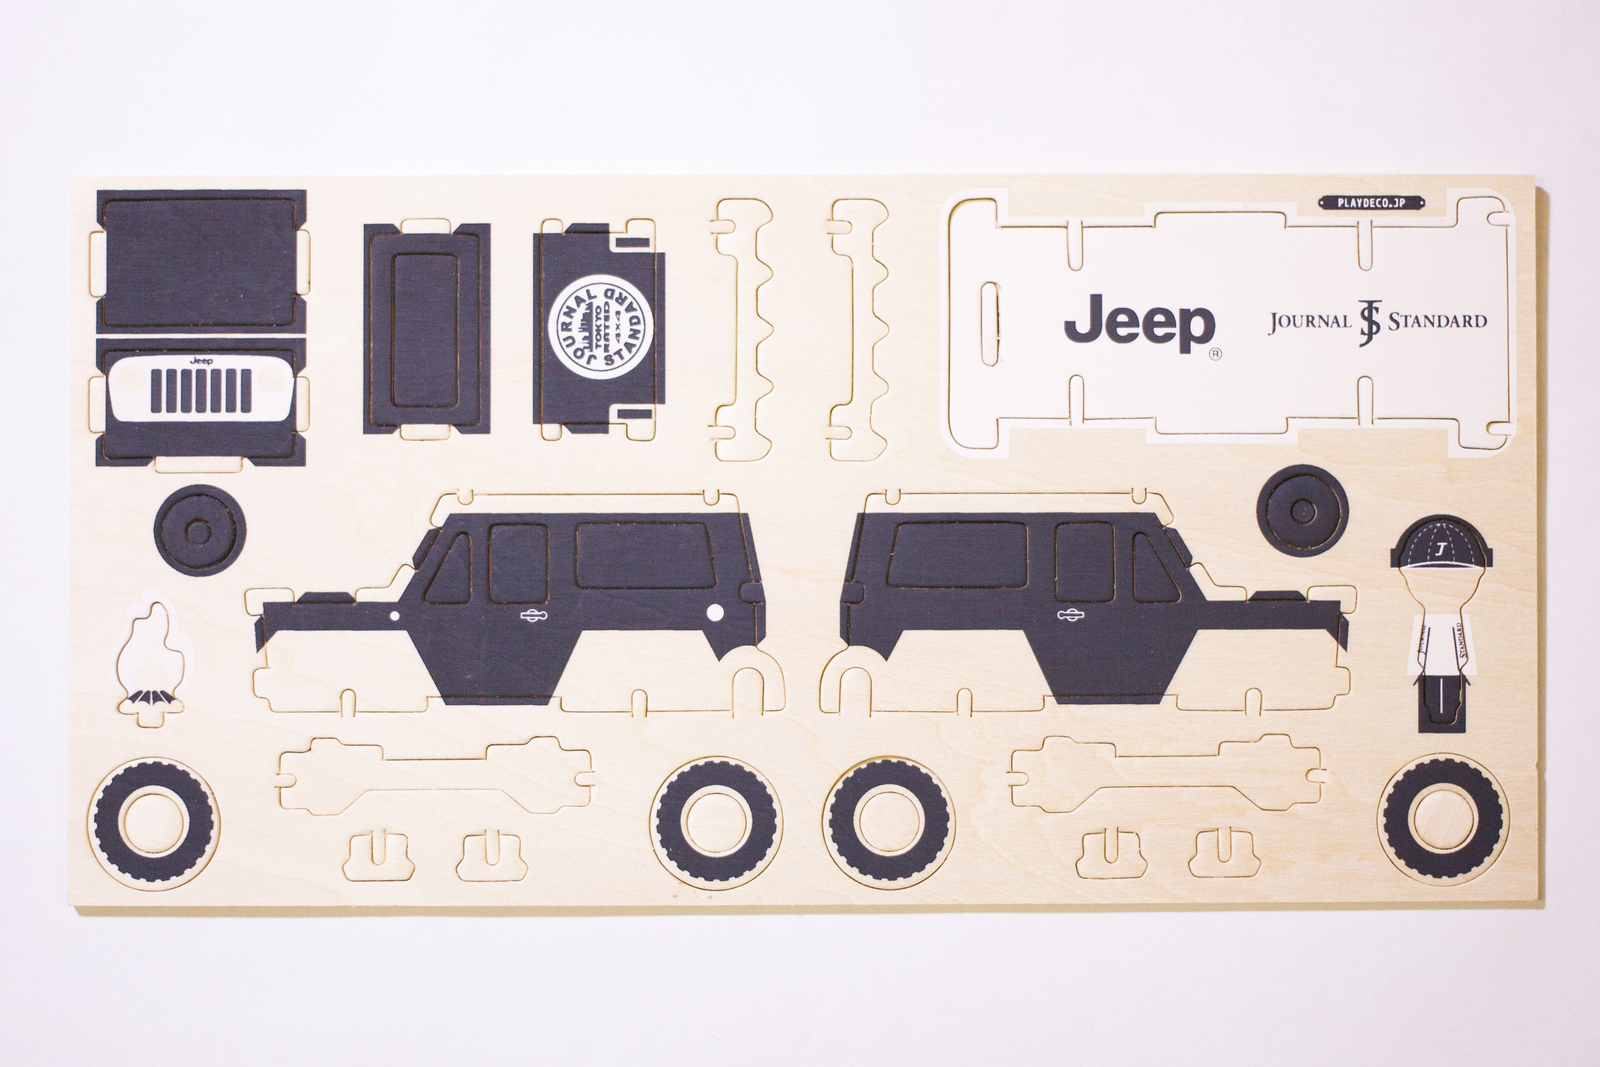 """IMG_1157 Jeep® Wrangler Unlimited """"TOKYO RATED"""" モデルの限定ノベルティがもらえる!〈ジャーナル スタンダード〉との連動キャンペーン実施中!"""